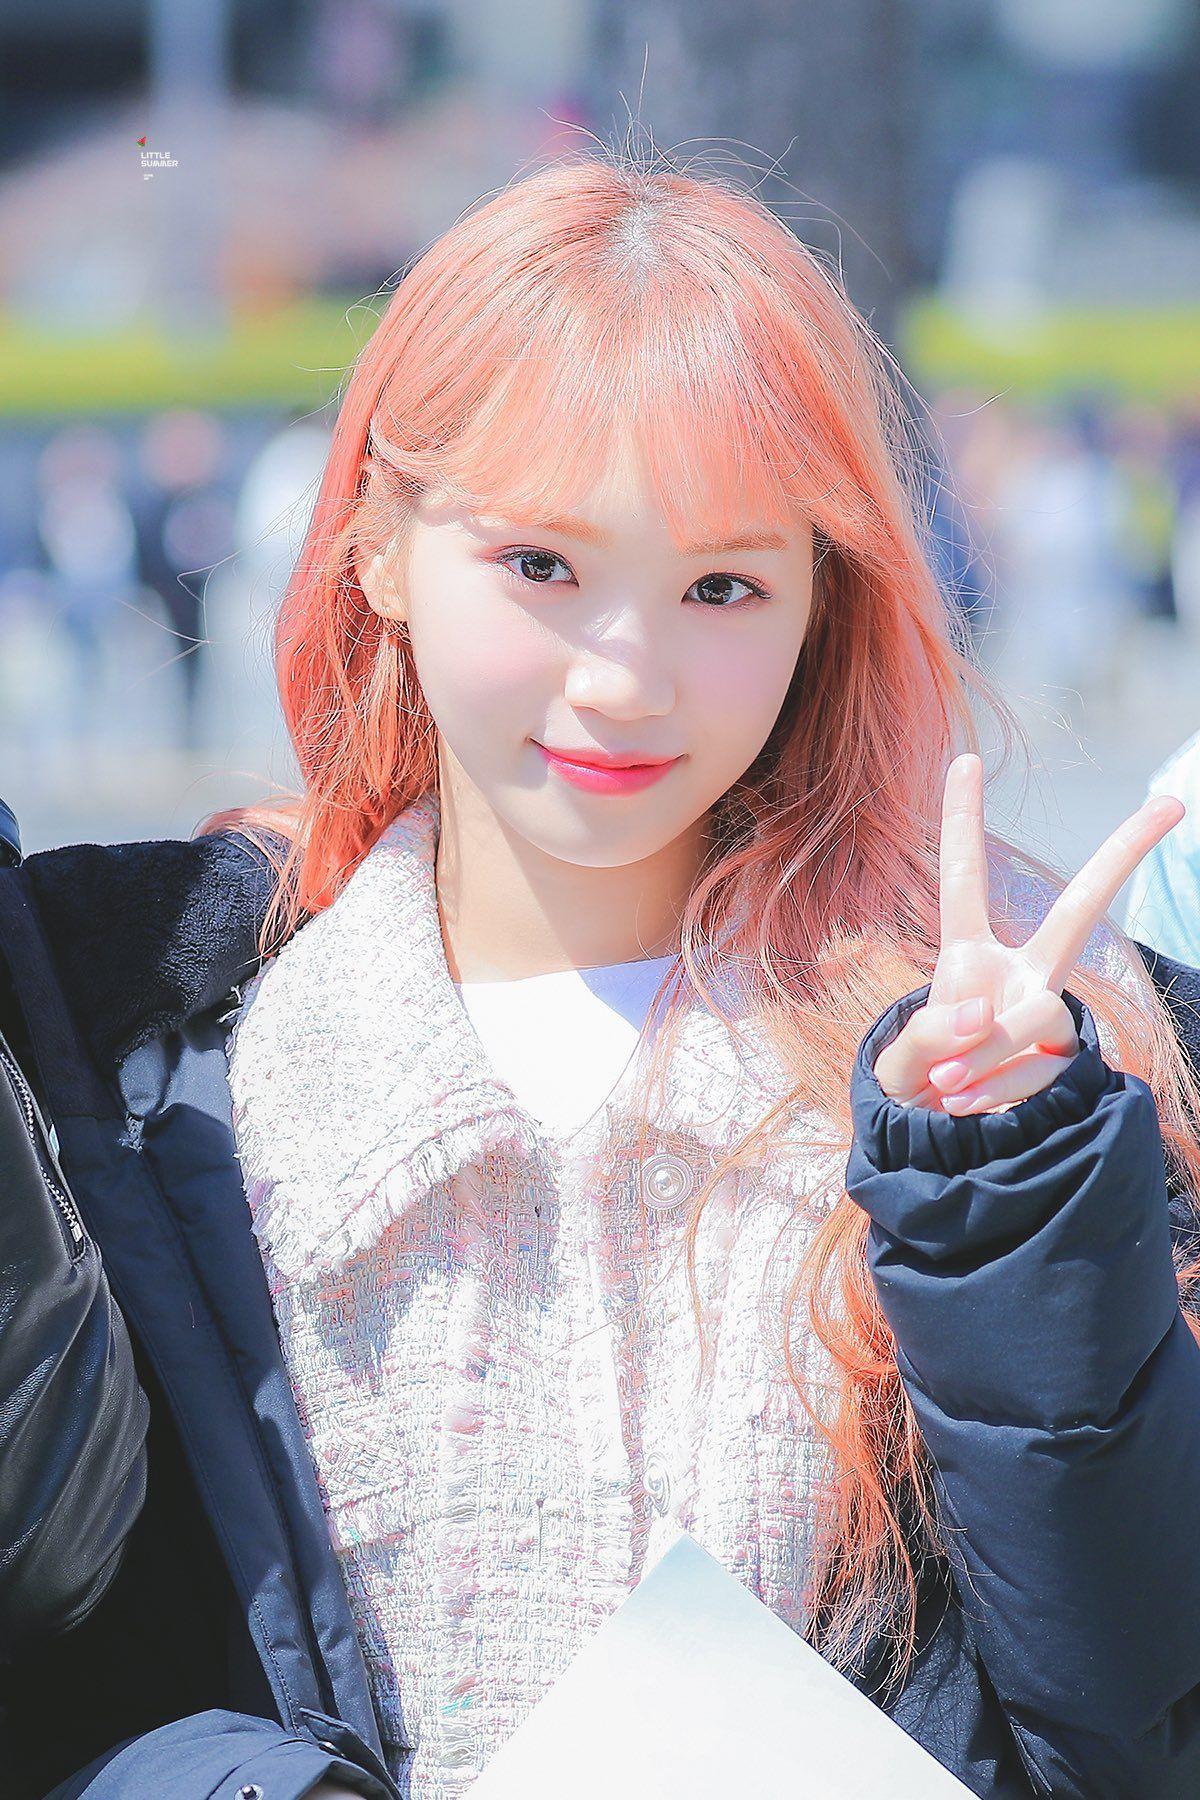 Izone Pics On Twitter Kpop Girl Groups Kpop Girls Girl